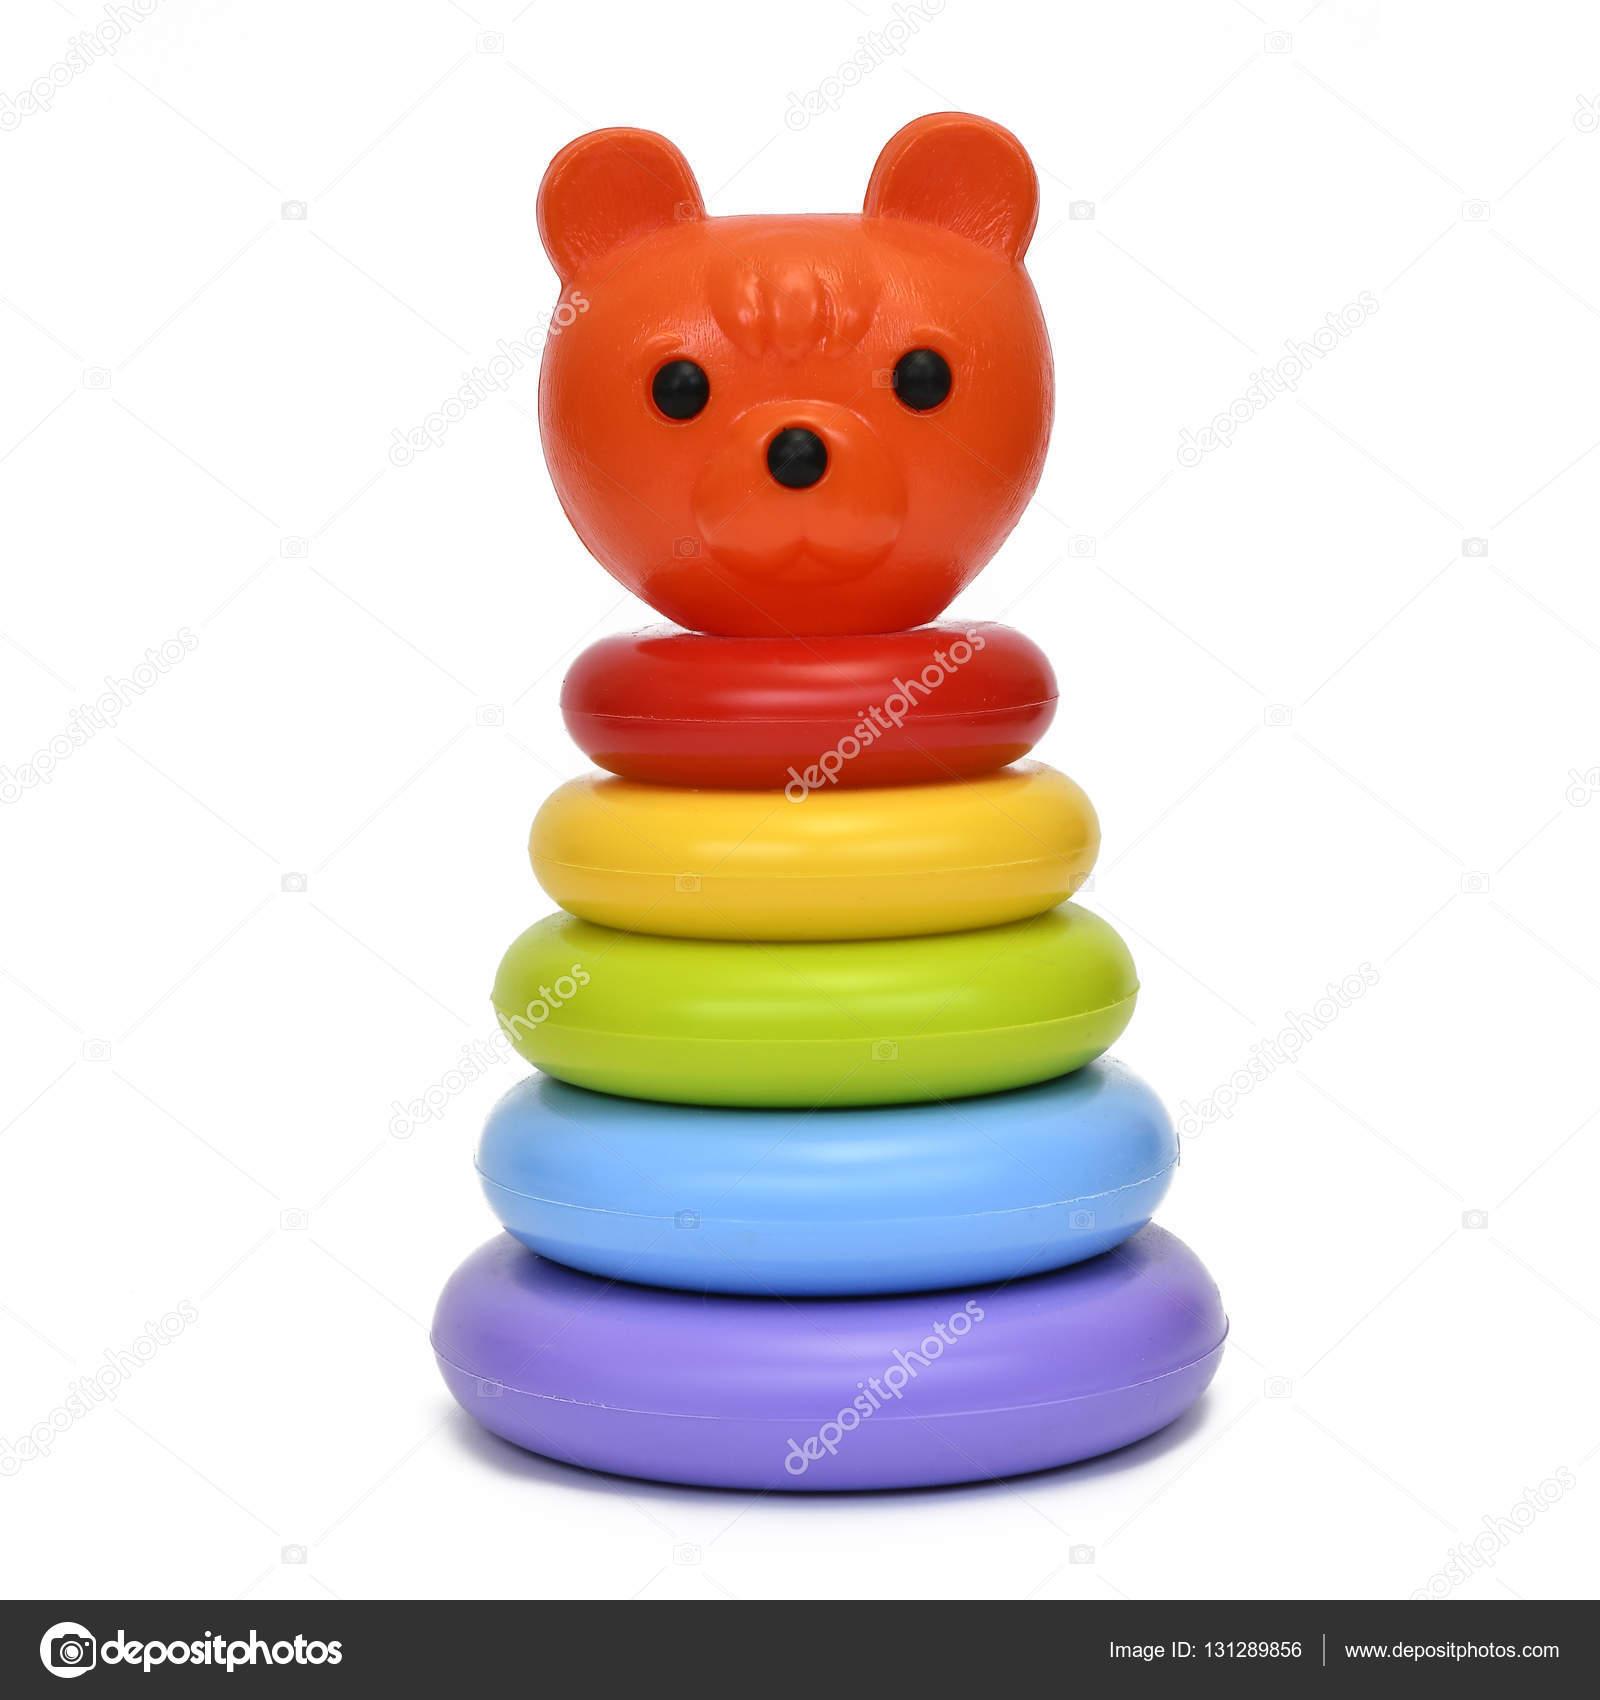 juguetes para niños pequeños — Foto de stock © SergValen #131289856